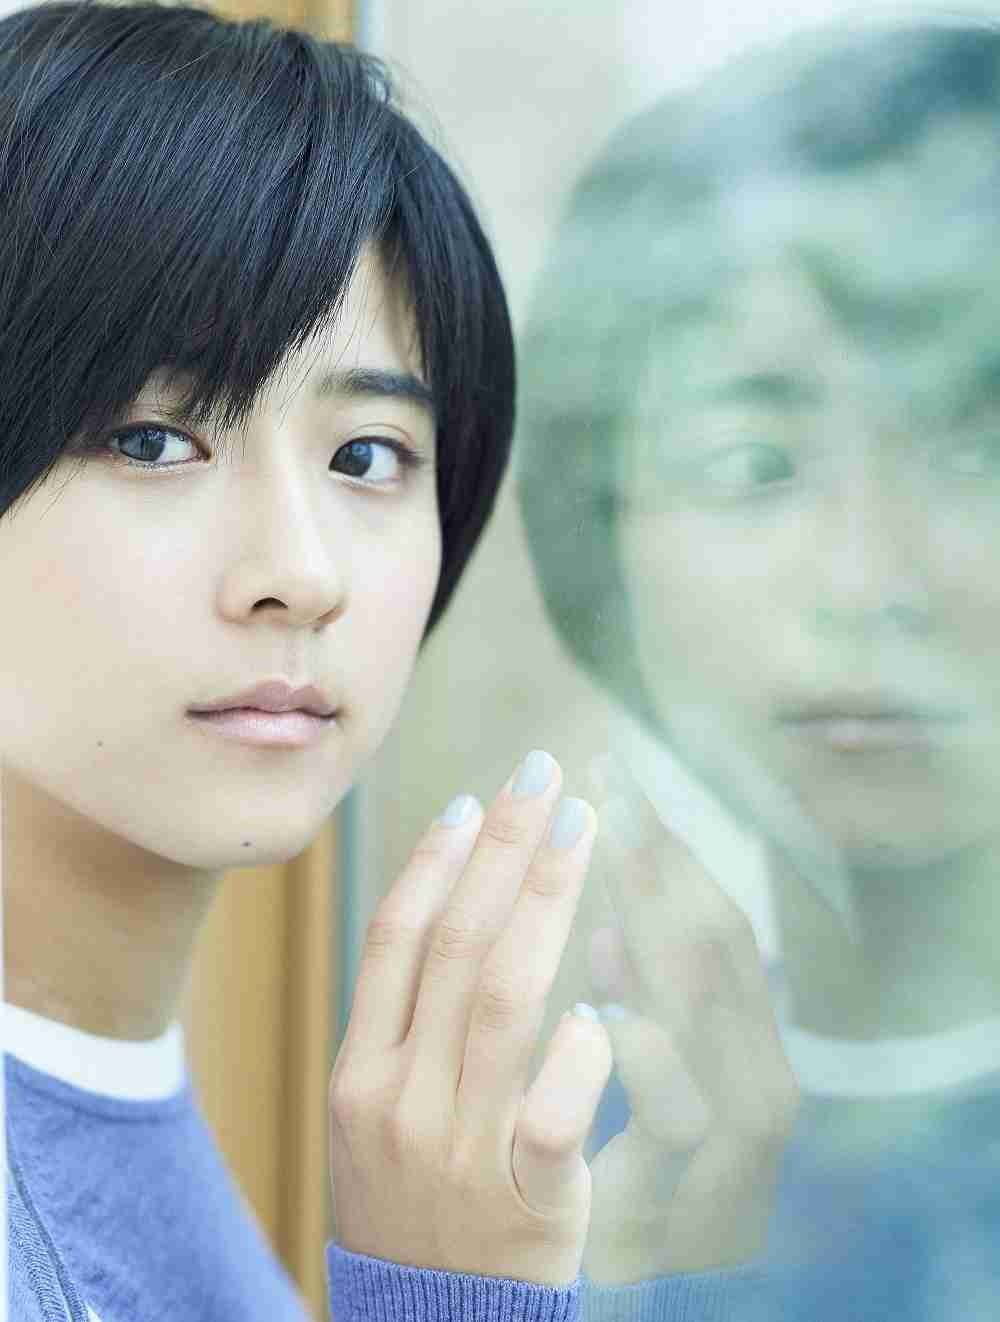 テレ朝「やすらぎの郷」関連作が来年放送、主演は清野菜名